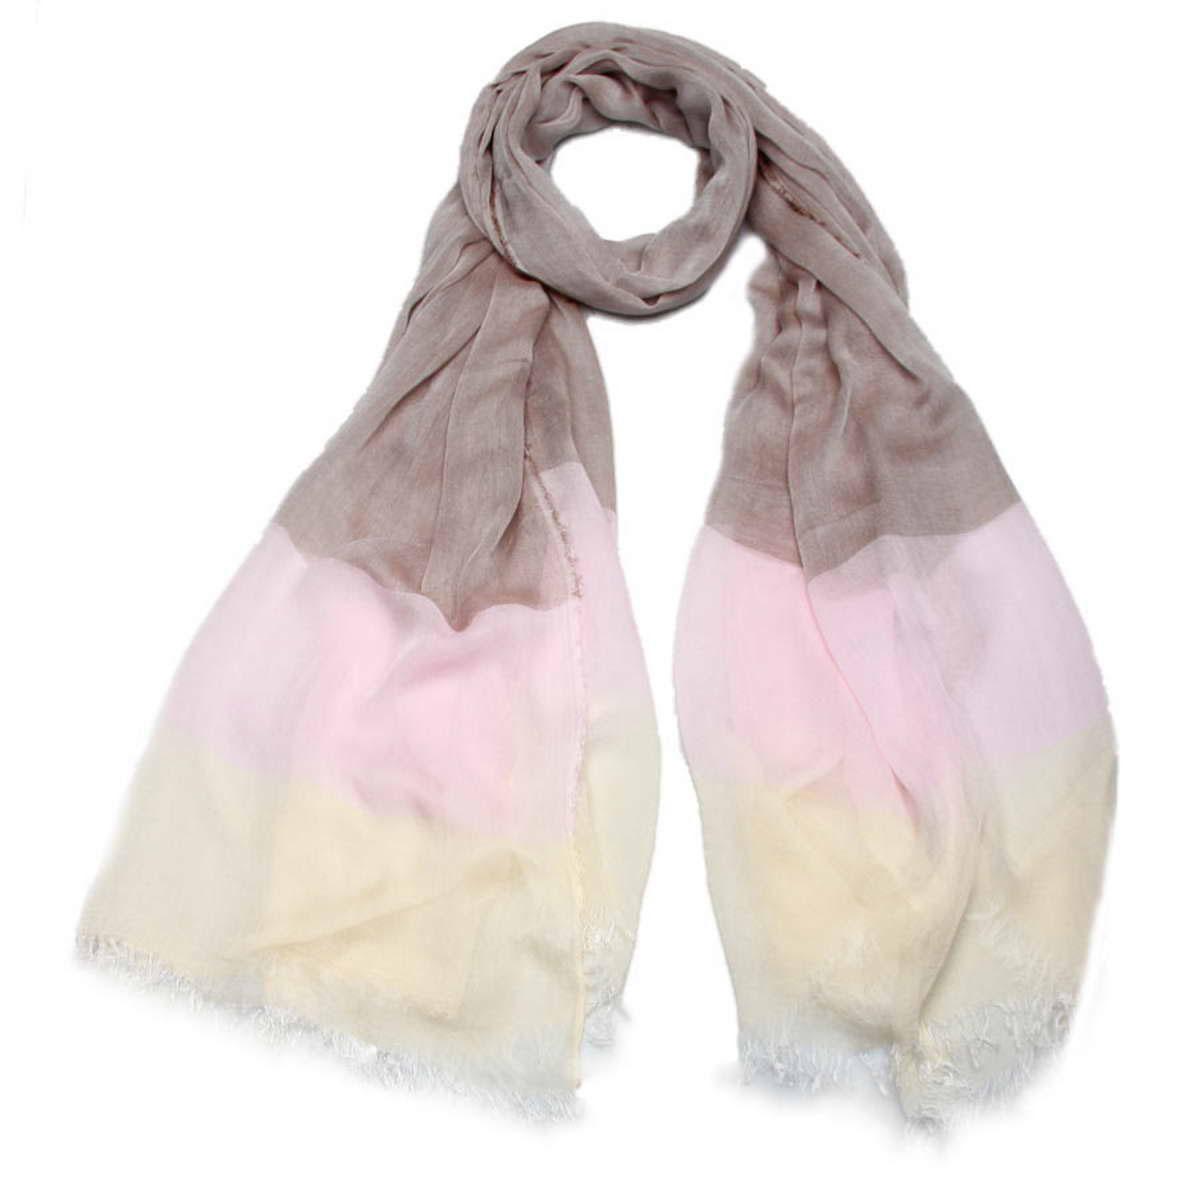 Палантин женский Venera, цвет: серый, розовый, молочный. 3415501-23. Размер 100 см х 200 см3415501-23Элегантный женский палантин Venera изготовлен из модала и шелка. Палантин имеет отличное качество и приятную текстуру материала, он подарит настоящий комфорт при носке, а большие размеры позволят согреться в прохладную погоду.Изделие оформлено гаммой нескольких цветов и небольшой бахромой по краям.Этот модный аксессуар женского гардероба гармонично дополнит образ современной женщины, следящей за своим имиджем и стремящейся всегда оставаться стильной и элегантной. В этом палантине вы всегда будете выглядеть женственной и привлекательной.